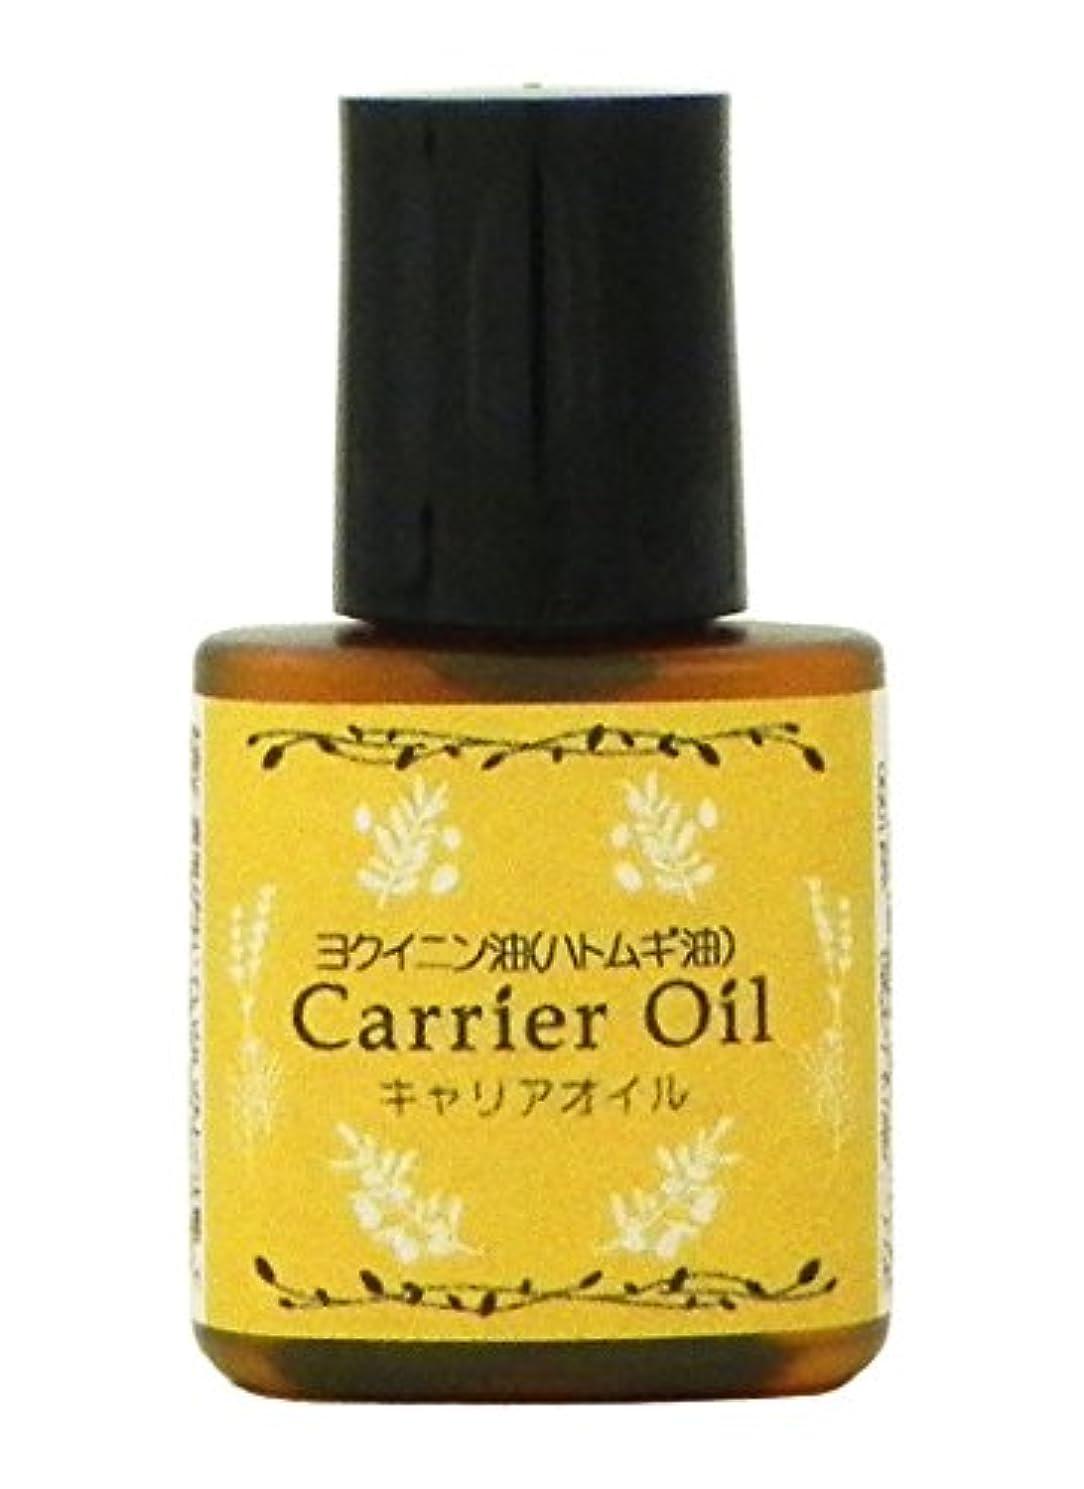 訪問環境に優しいラオス人ヨクイニン油 (ハトムギ油) 10ml 【キャリアオイル】